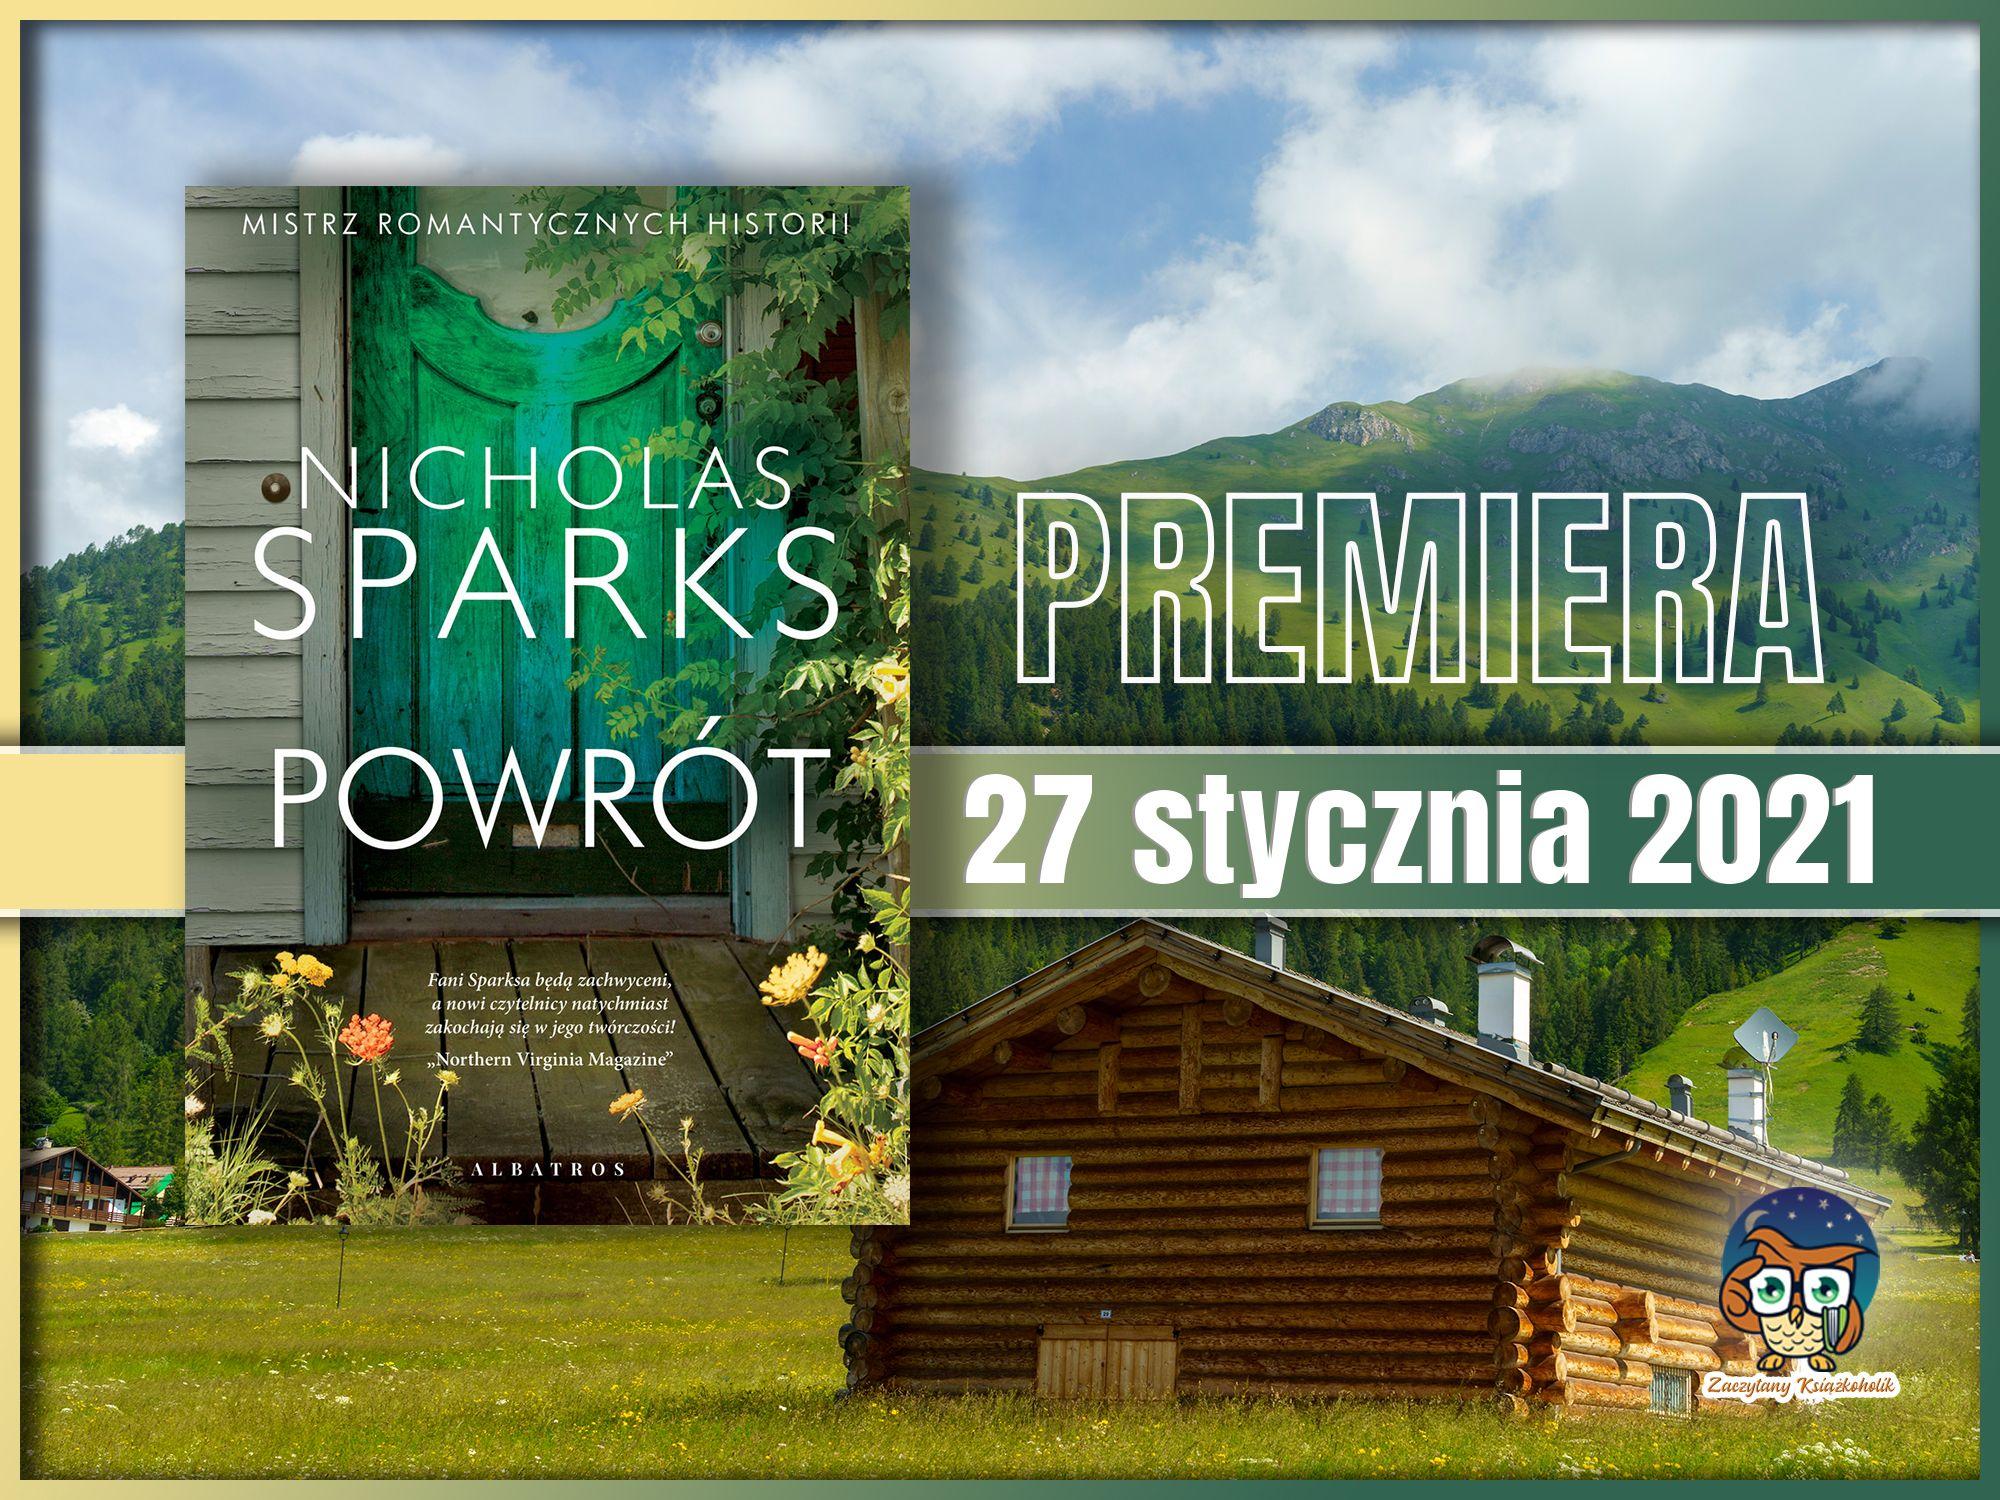 Powrót, Nicholas Sparks, zaczytanyksiazkoholik.pl